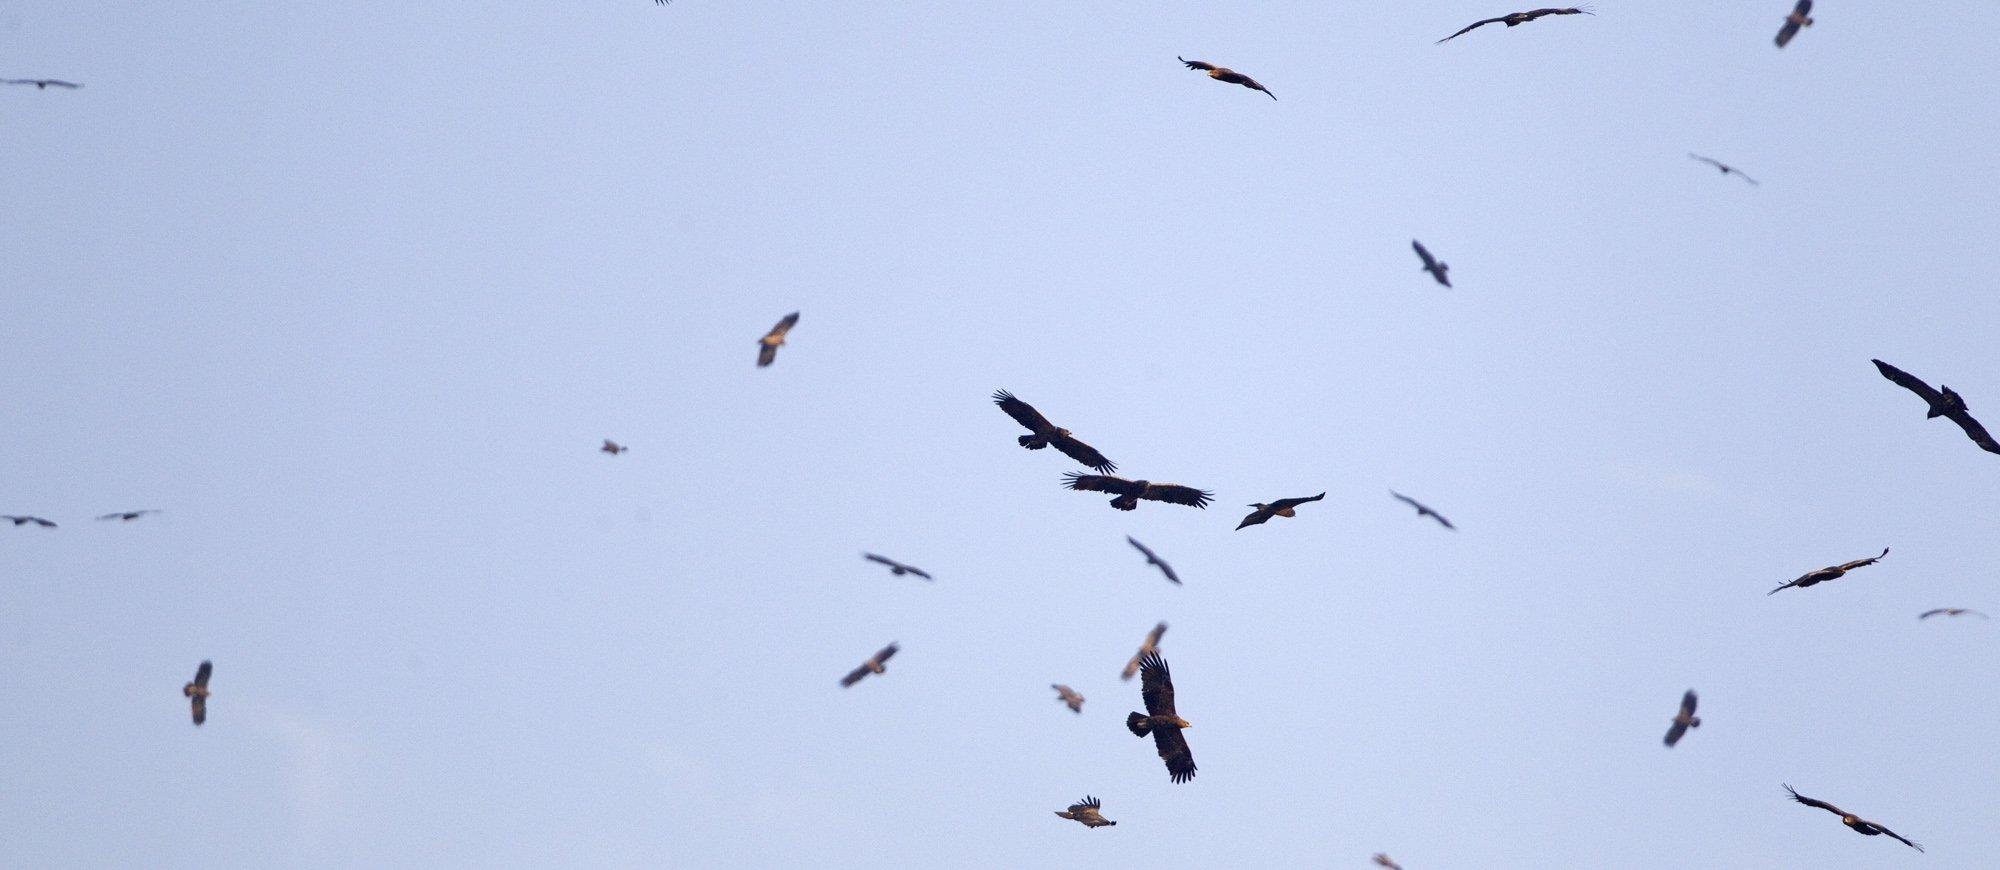 Schreiadler kreisen in der Gruppe am Himmel